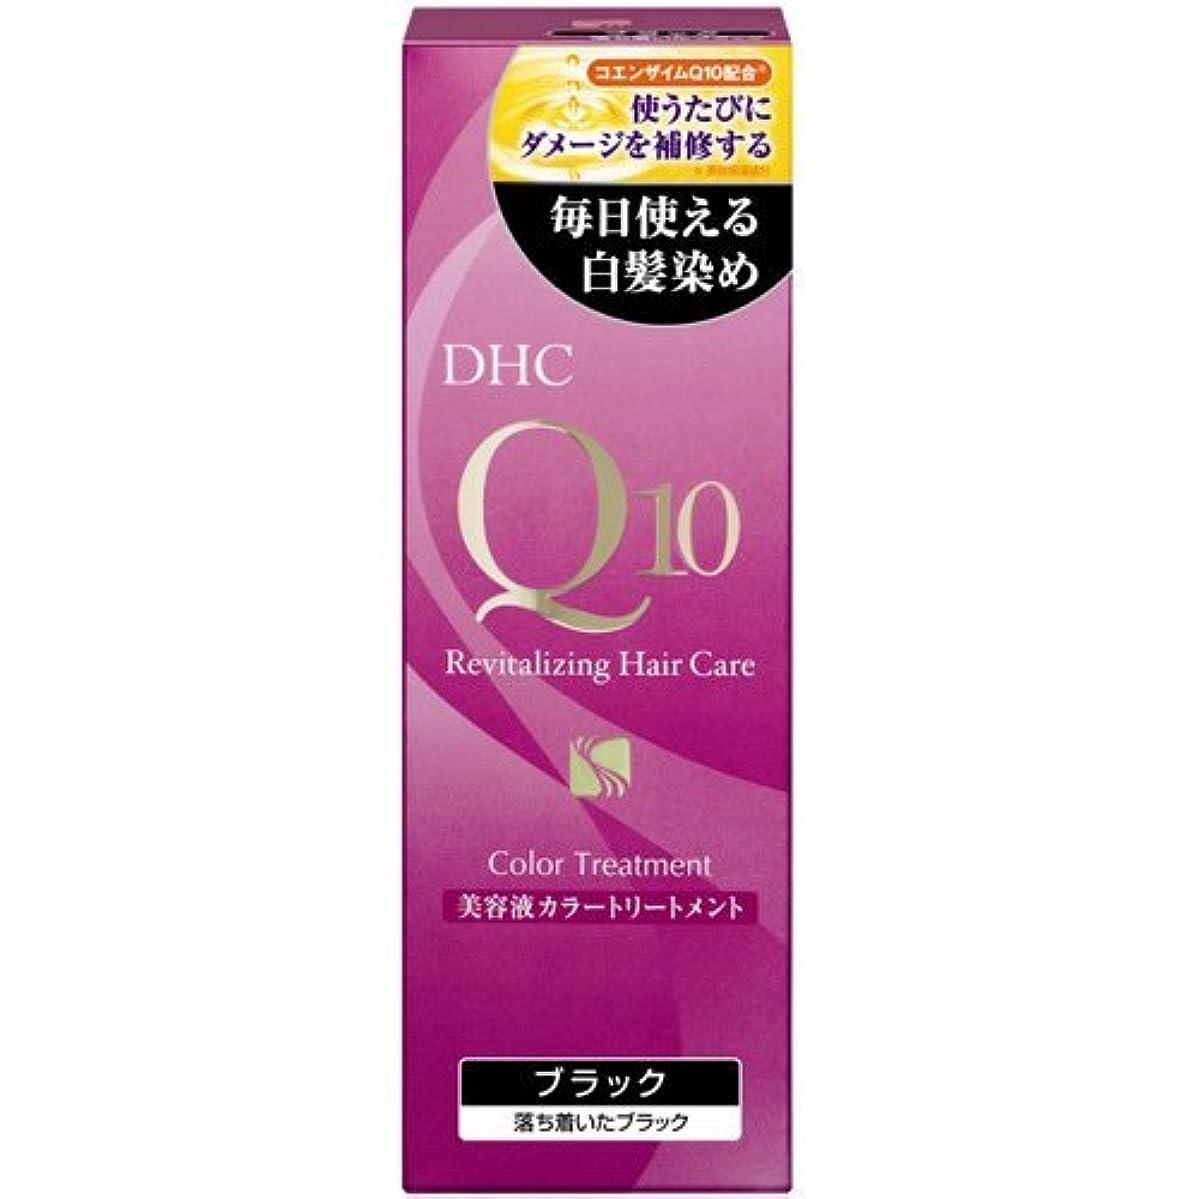 話すお風呂を持っているオセアニア【まとめ買い】DHC Q10美溶液カラートリートメントブラックSS170g ×4個